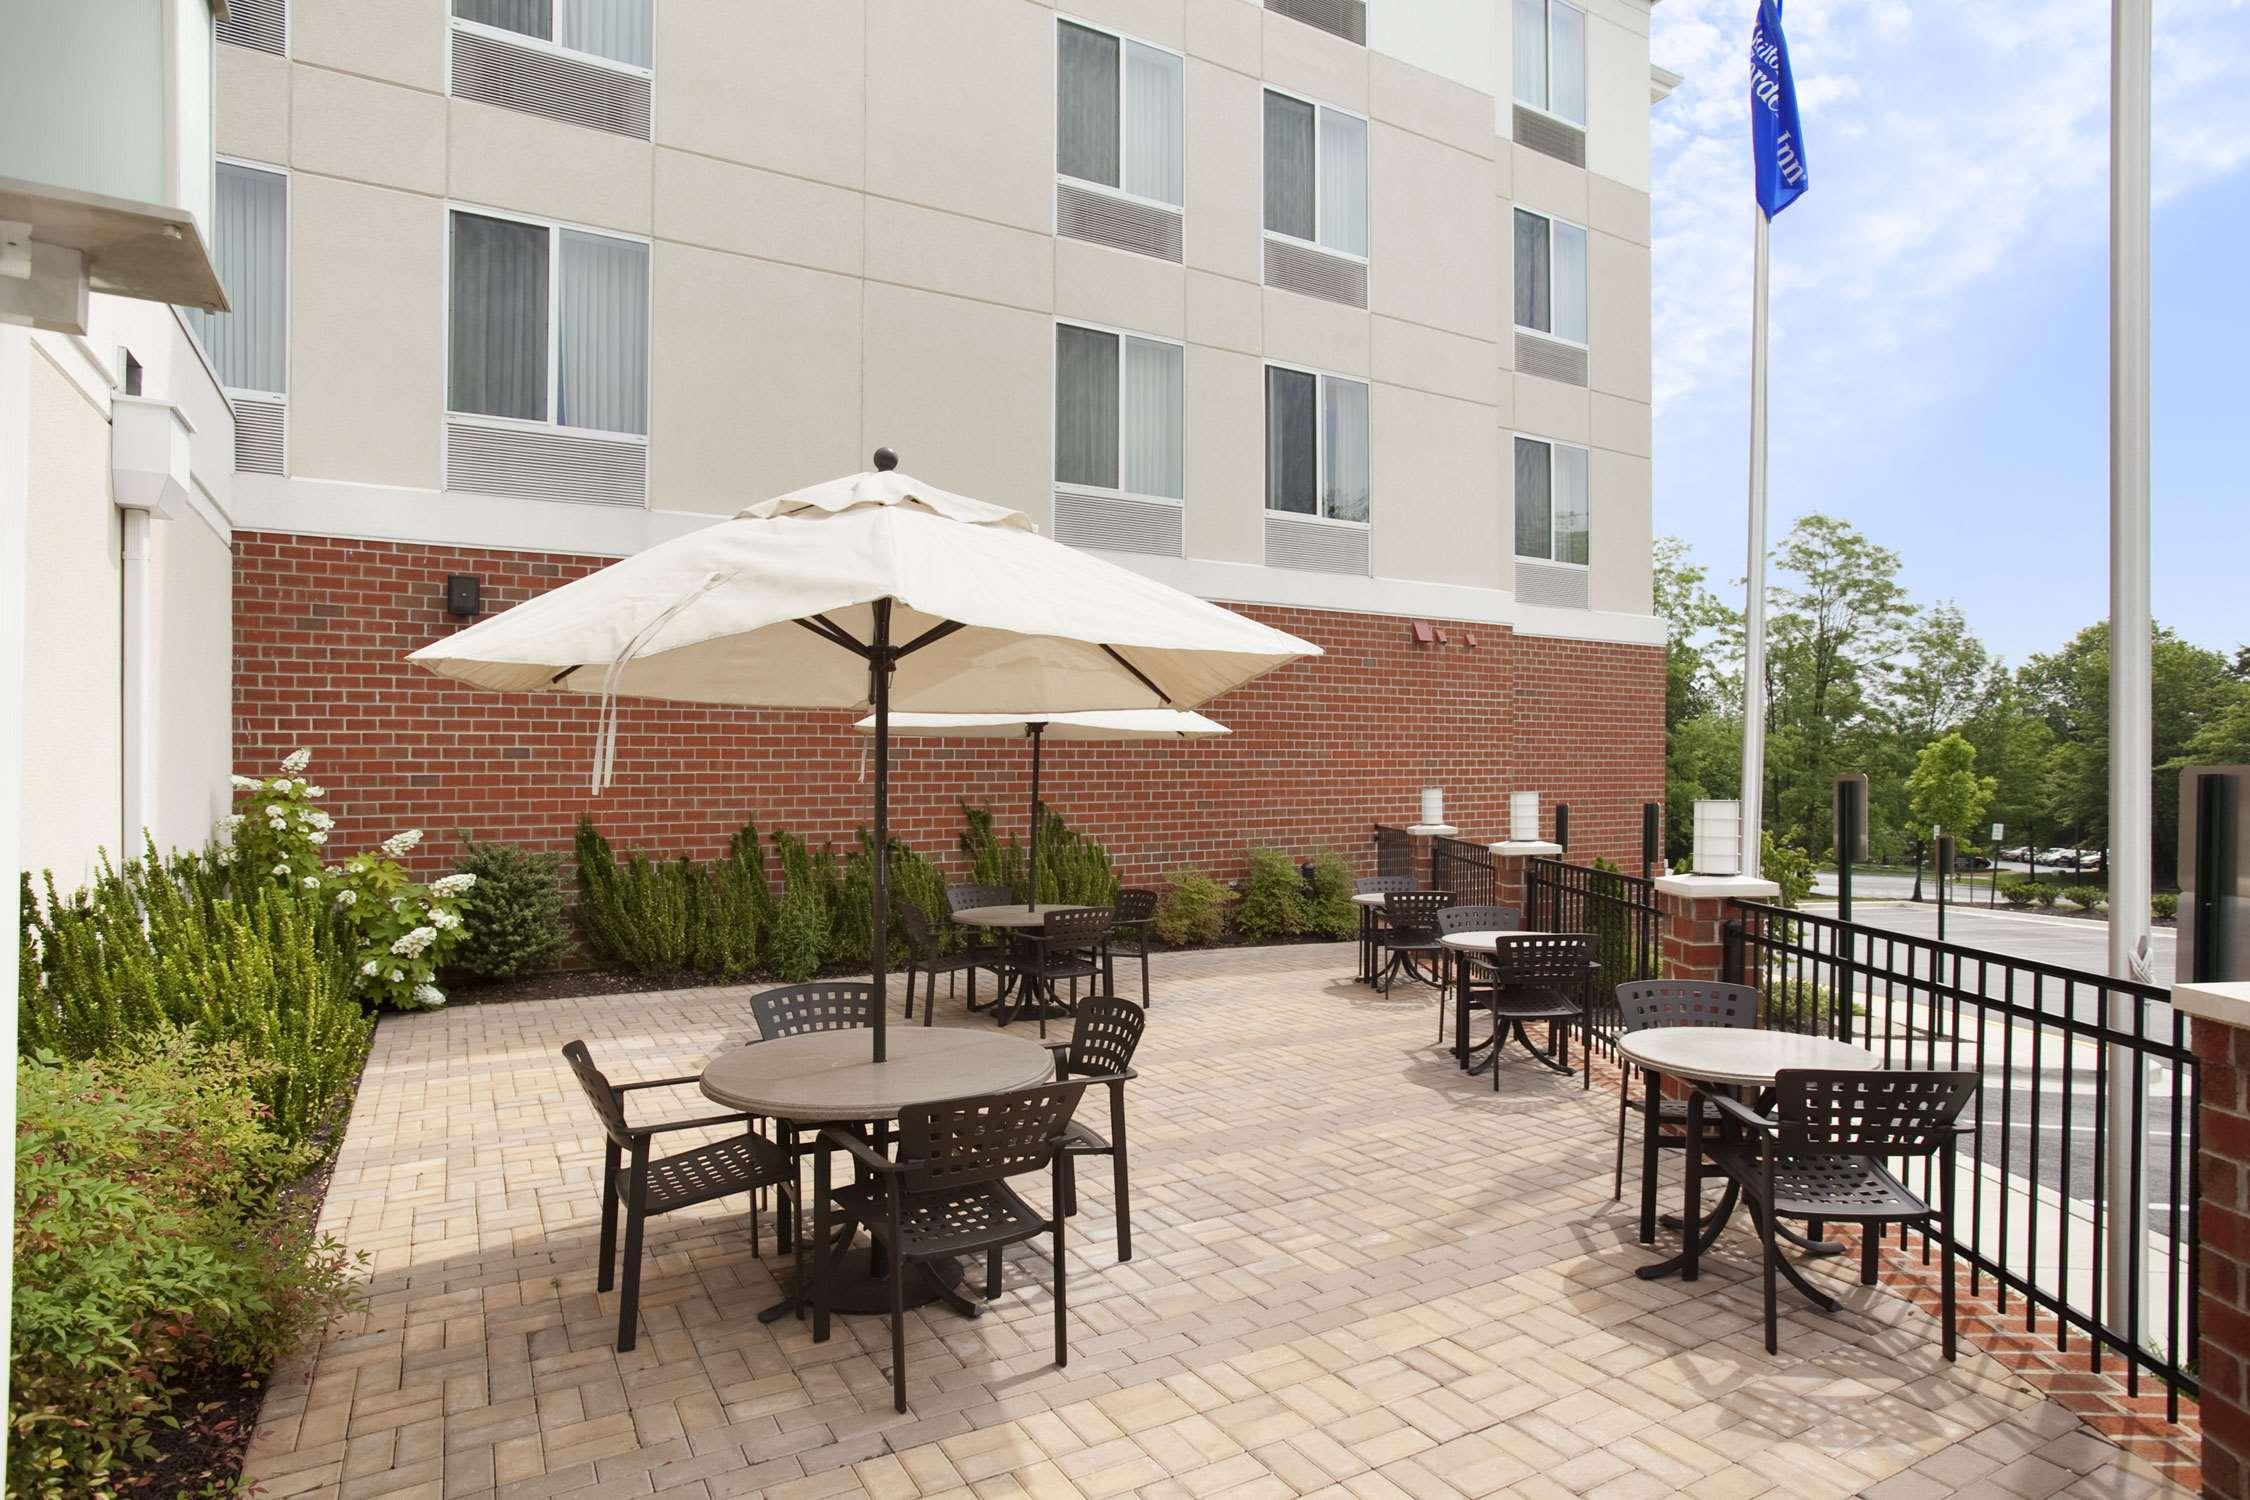 Hilton Garden Inn Silver Spring North image 25